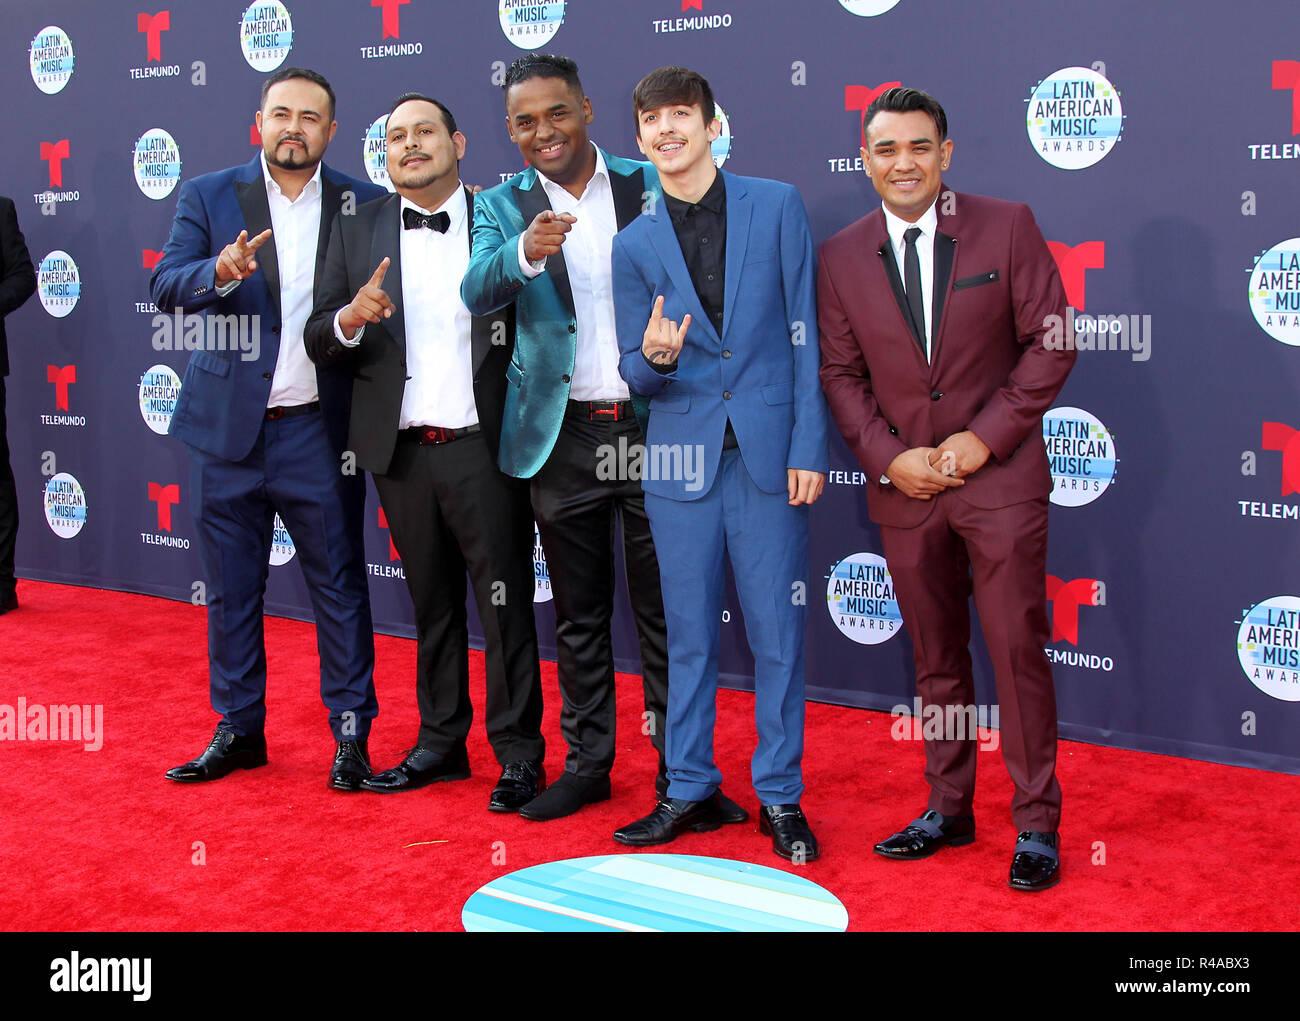 Latin American Music Awards 2018 tenutosi presso il Dolby Theatre di Los Angeles, California. Dotato di: T3r Elemento dove: Los Angeles, California, Stati Uniti quando: 25 Ott 2018 Credit: Adriana M. Barraza/WENN.com Immagini Stock